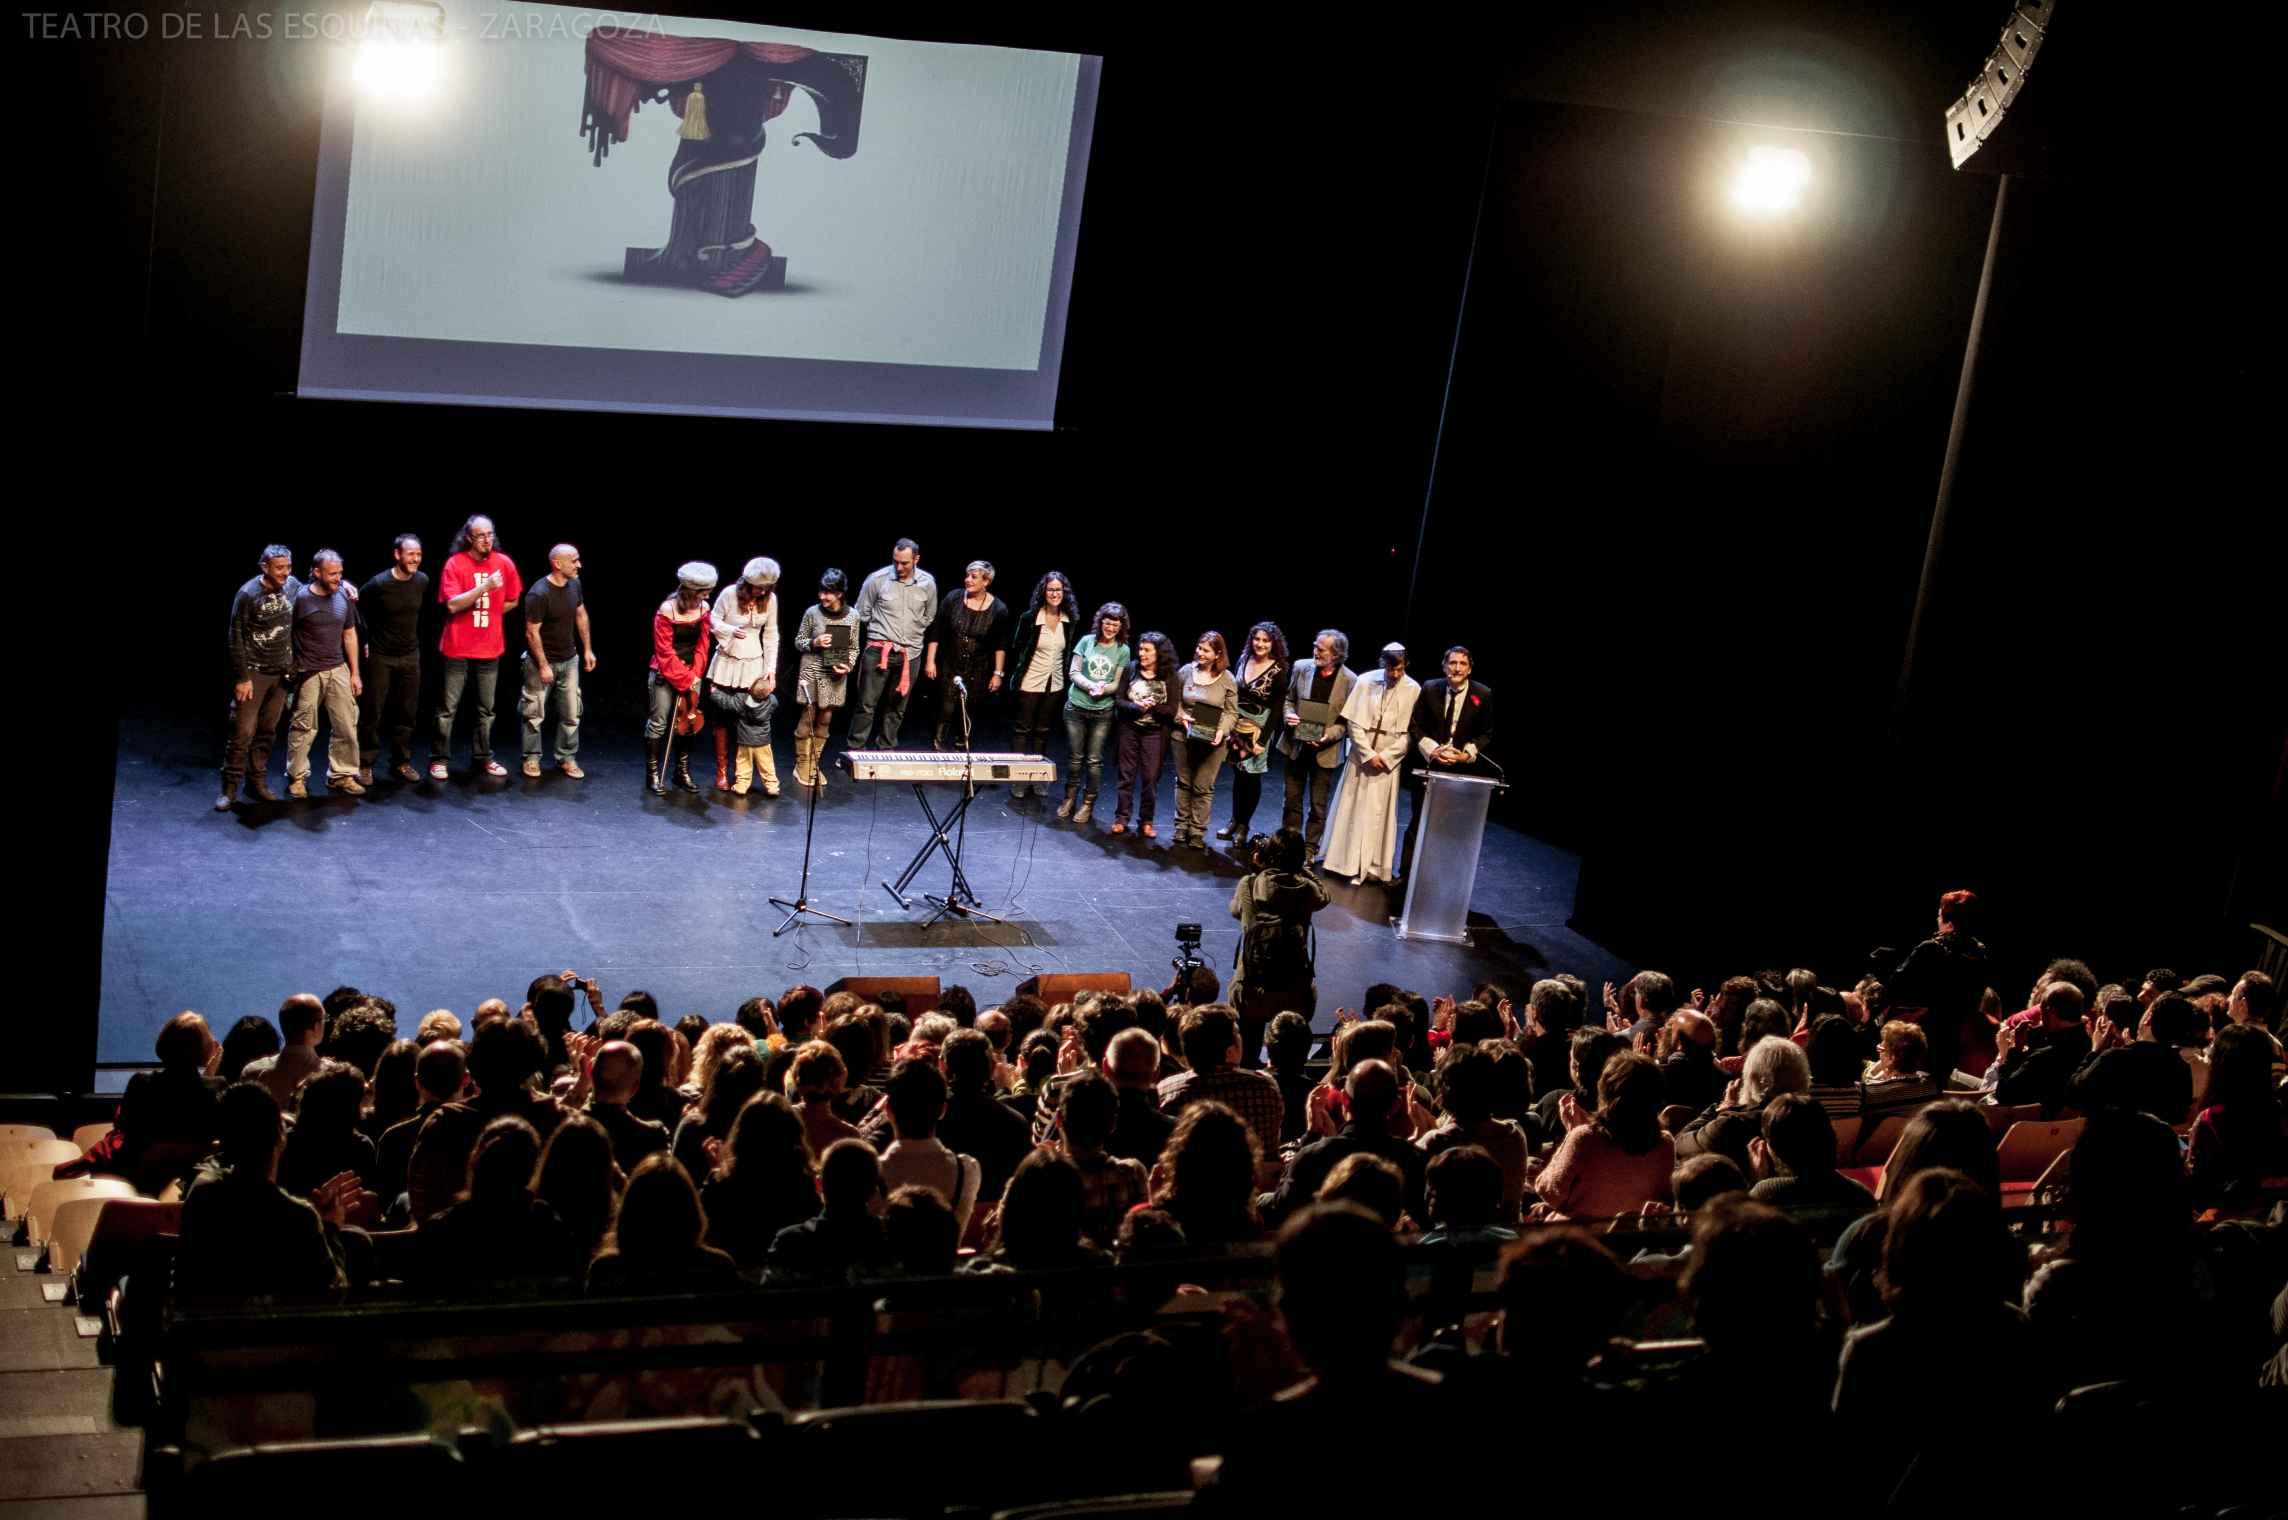 Gala del Teatro 2013 en el Teatro de las Esquinas de Zaragoza